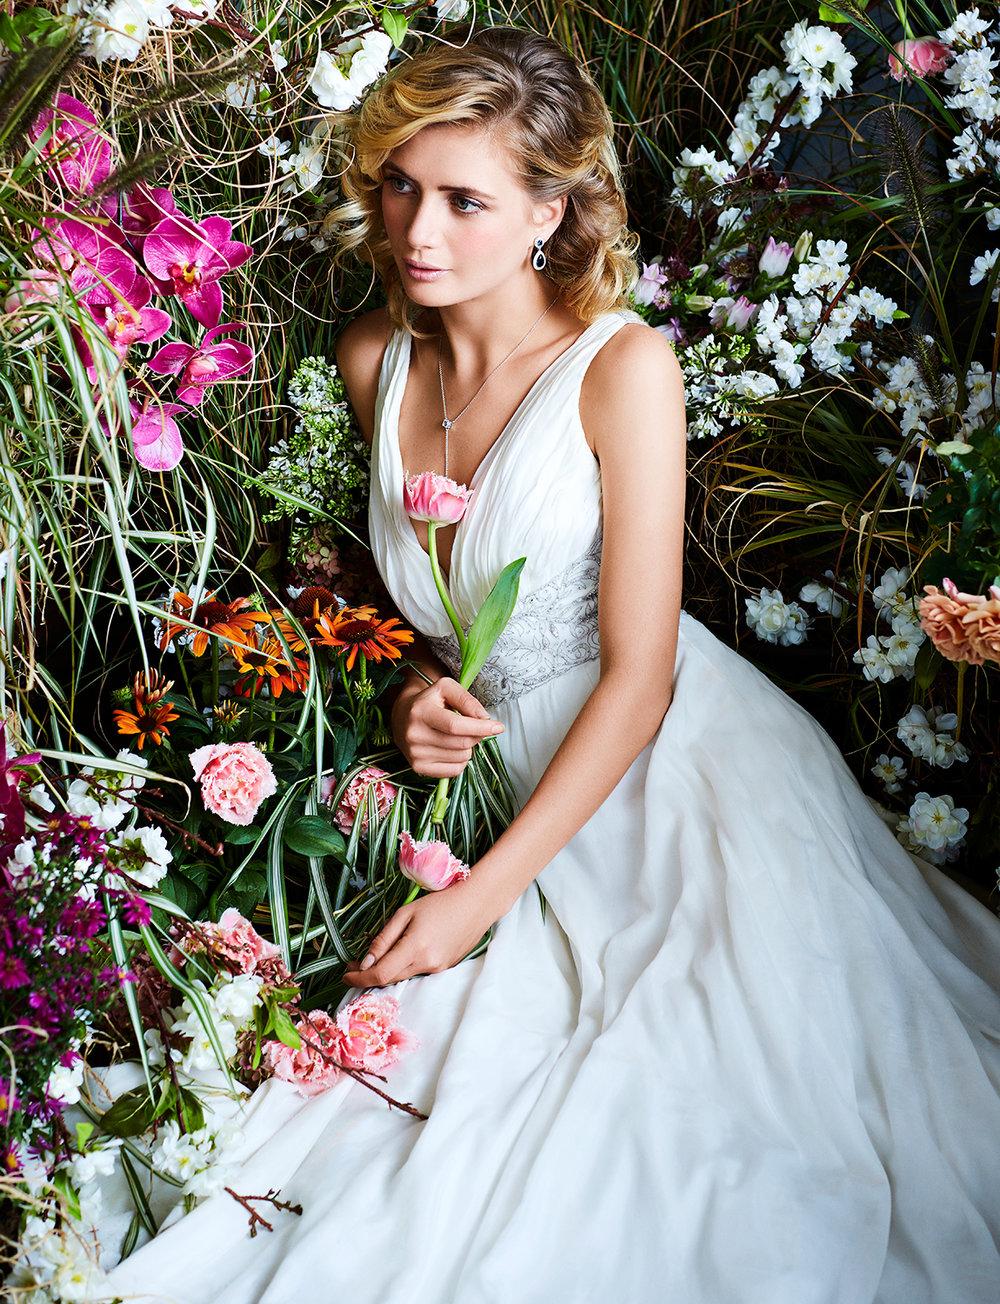 170406_BridalEditorial_BridalFashion_SpringDream_By_BriJohnsonWeddings_0005.jpg